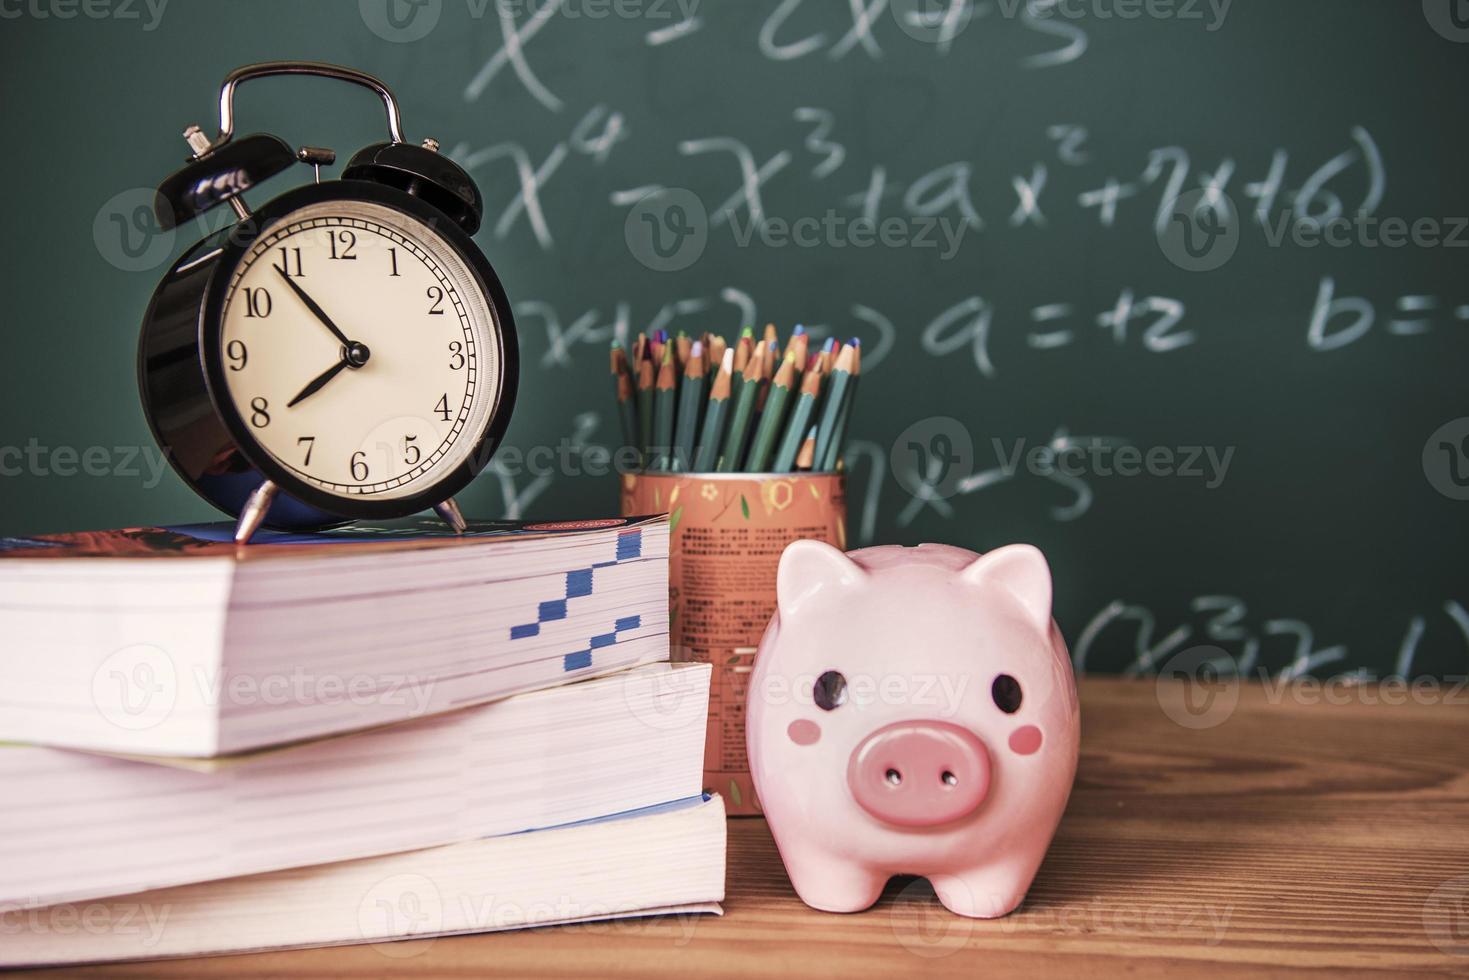 Schweinebank und eine Uhr auf grünem Hintergrund foto